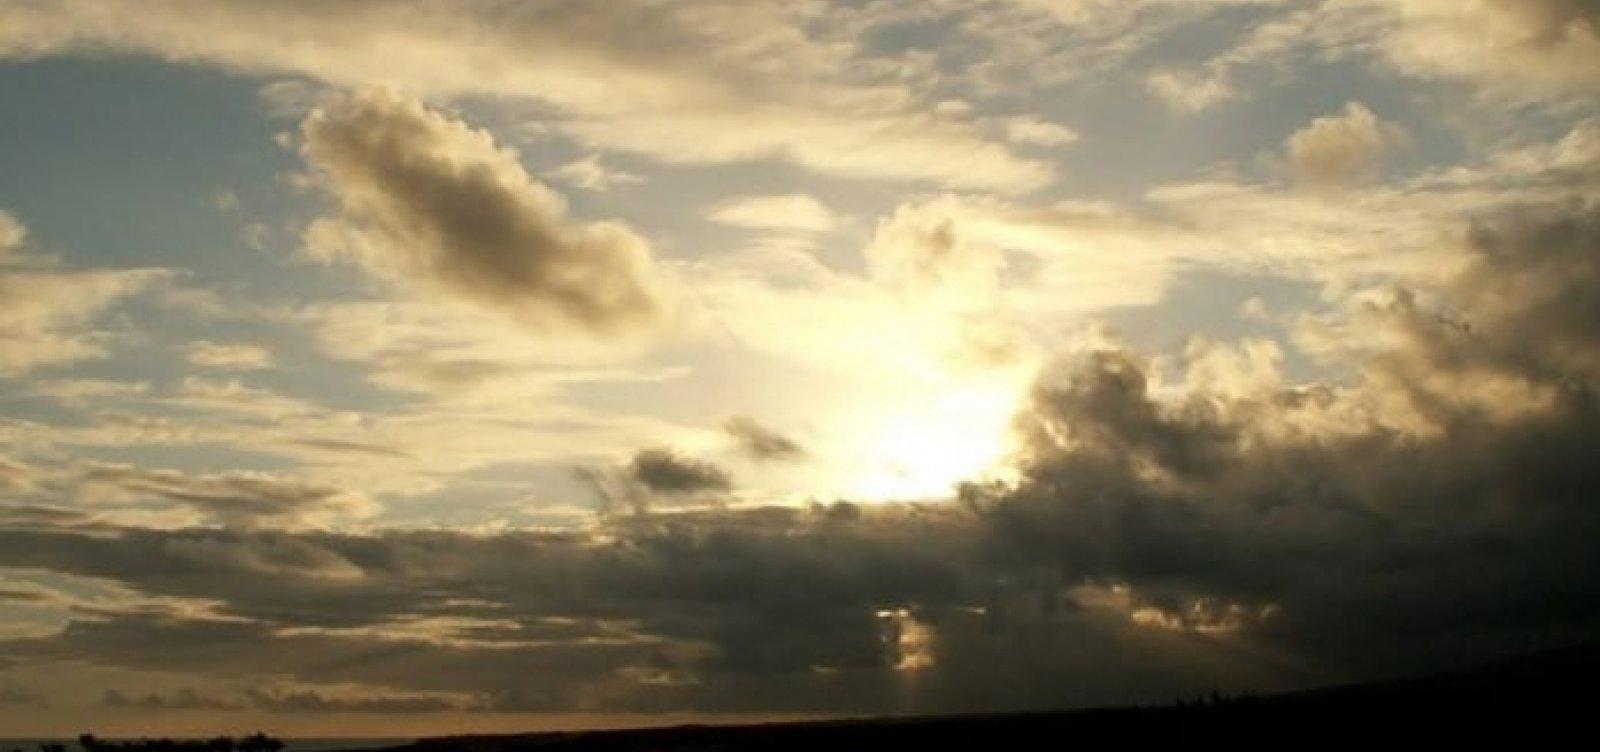 Feriado prolongado tem previsão de sol entre nuvens em Salvador